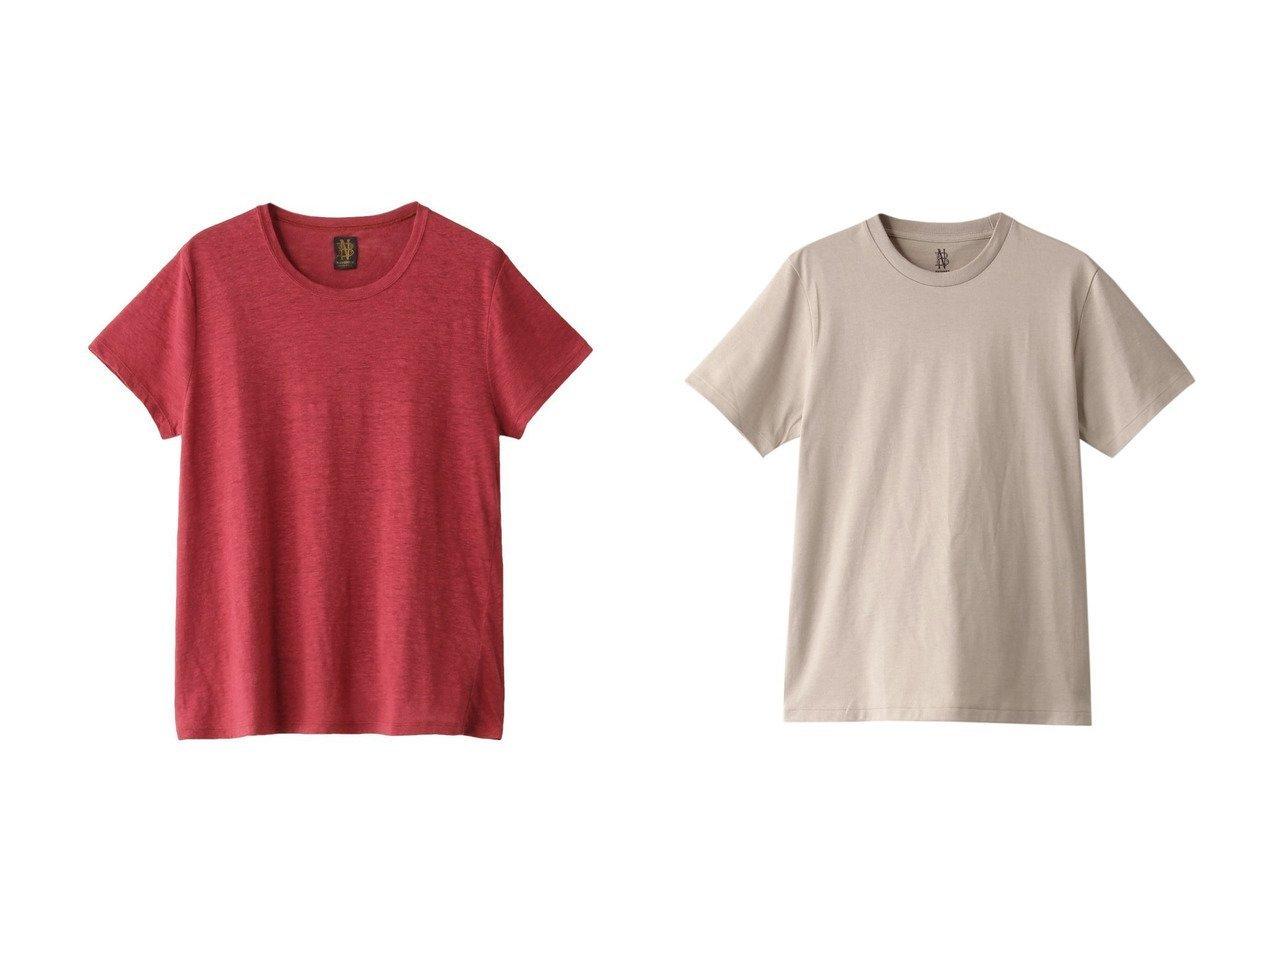 【BATONER/バトナー】のリネンAラインボートネックTシャツ&PACK Tシャツ(DEGREASE COTTON) 【トップス・カットソー】おすすめ!人気、トレンド・レディースファッションの通販 おすすめで人気の流行・トレンド、ファッションの通販商品 インテリア・家具・メンズファッション・キッズファッション・レディースファッション・服の通販 founy(ファニー) https://founy.com/ ファッション Fashion レディースファッション WOMEN トップス・カットソー Tops/Tshirt シャツ/ブラウス Shirts/Blouses ロング / Tシャツ T-Shirts カットソー Cut and Sewn S/S・春夏 SS・Spring/Summer ショート シンプル スリーブ リネン 半袖 夏 Summer 春 Spring  ID:crp329100000047668